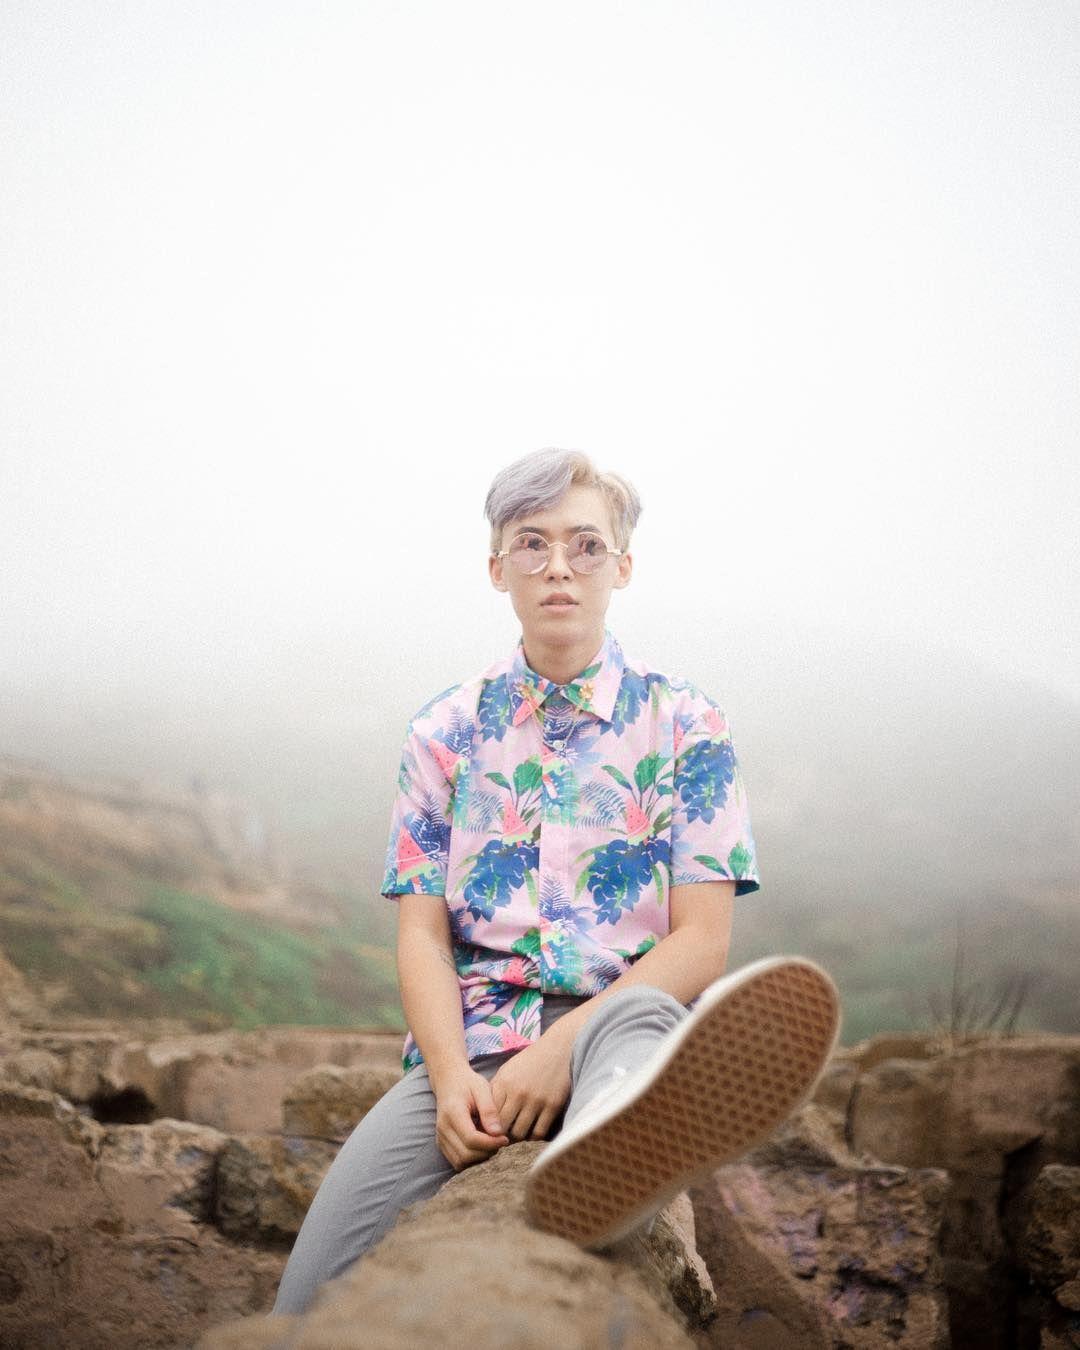 bfdf0227 Watermelon pop Hawaiian shirt featuring @sippystraw Photo: @kevinmlee.x # hawaiianshirt #